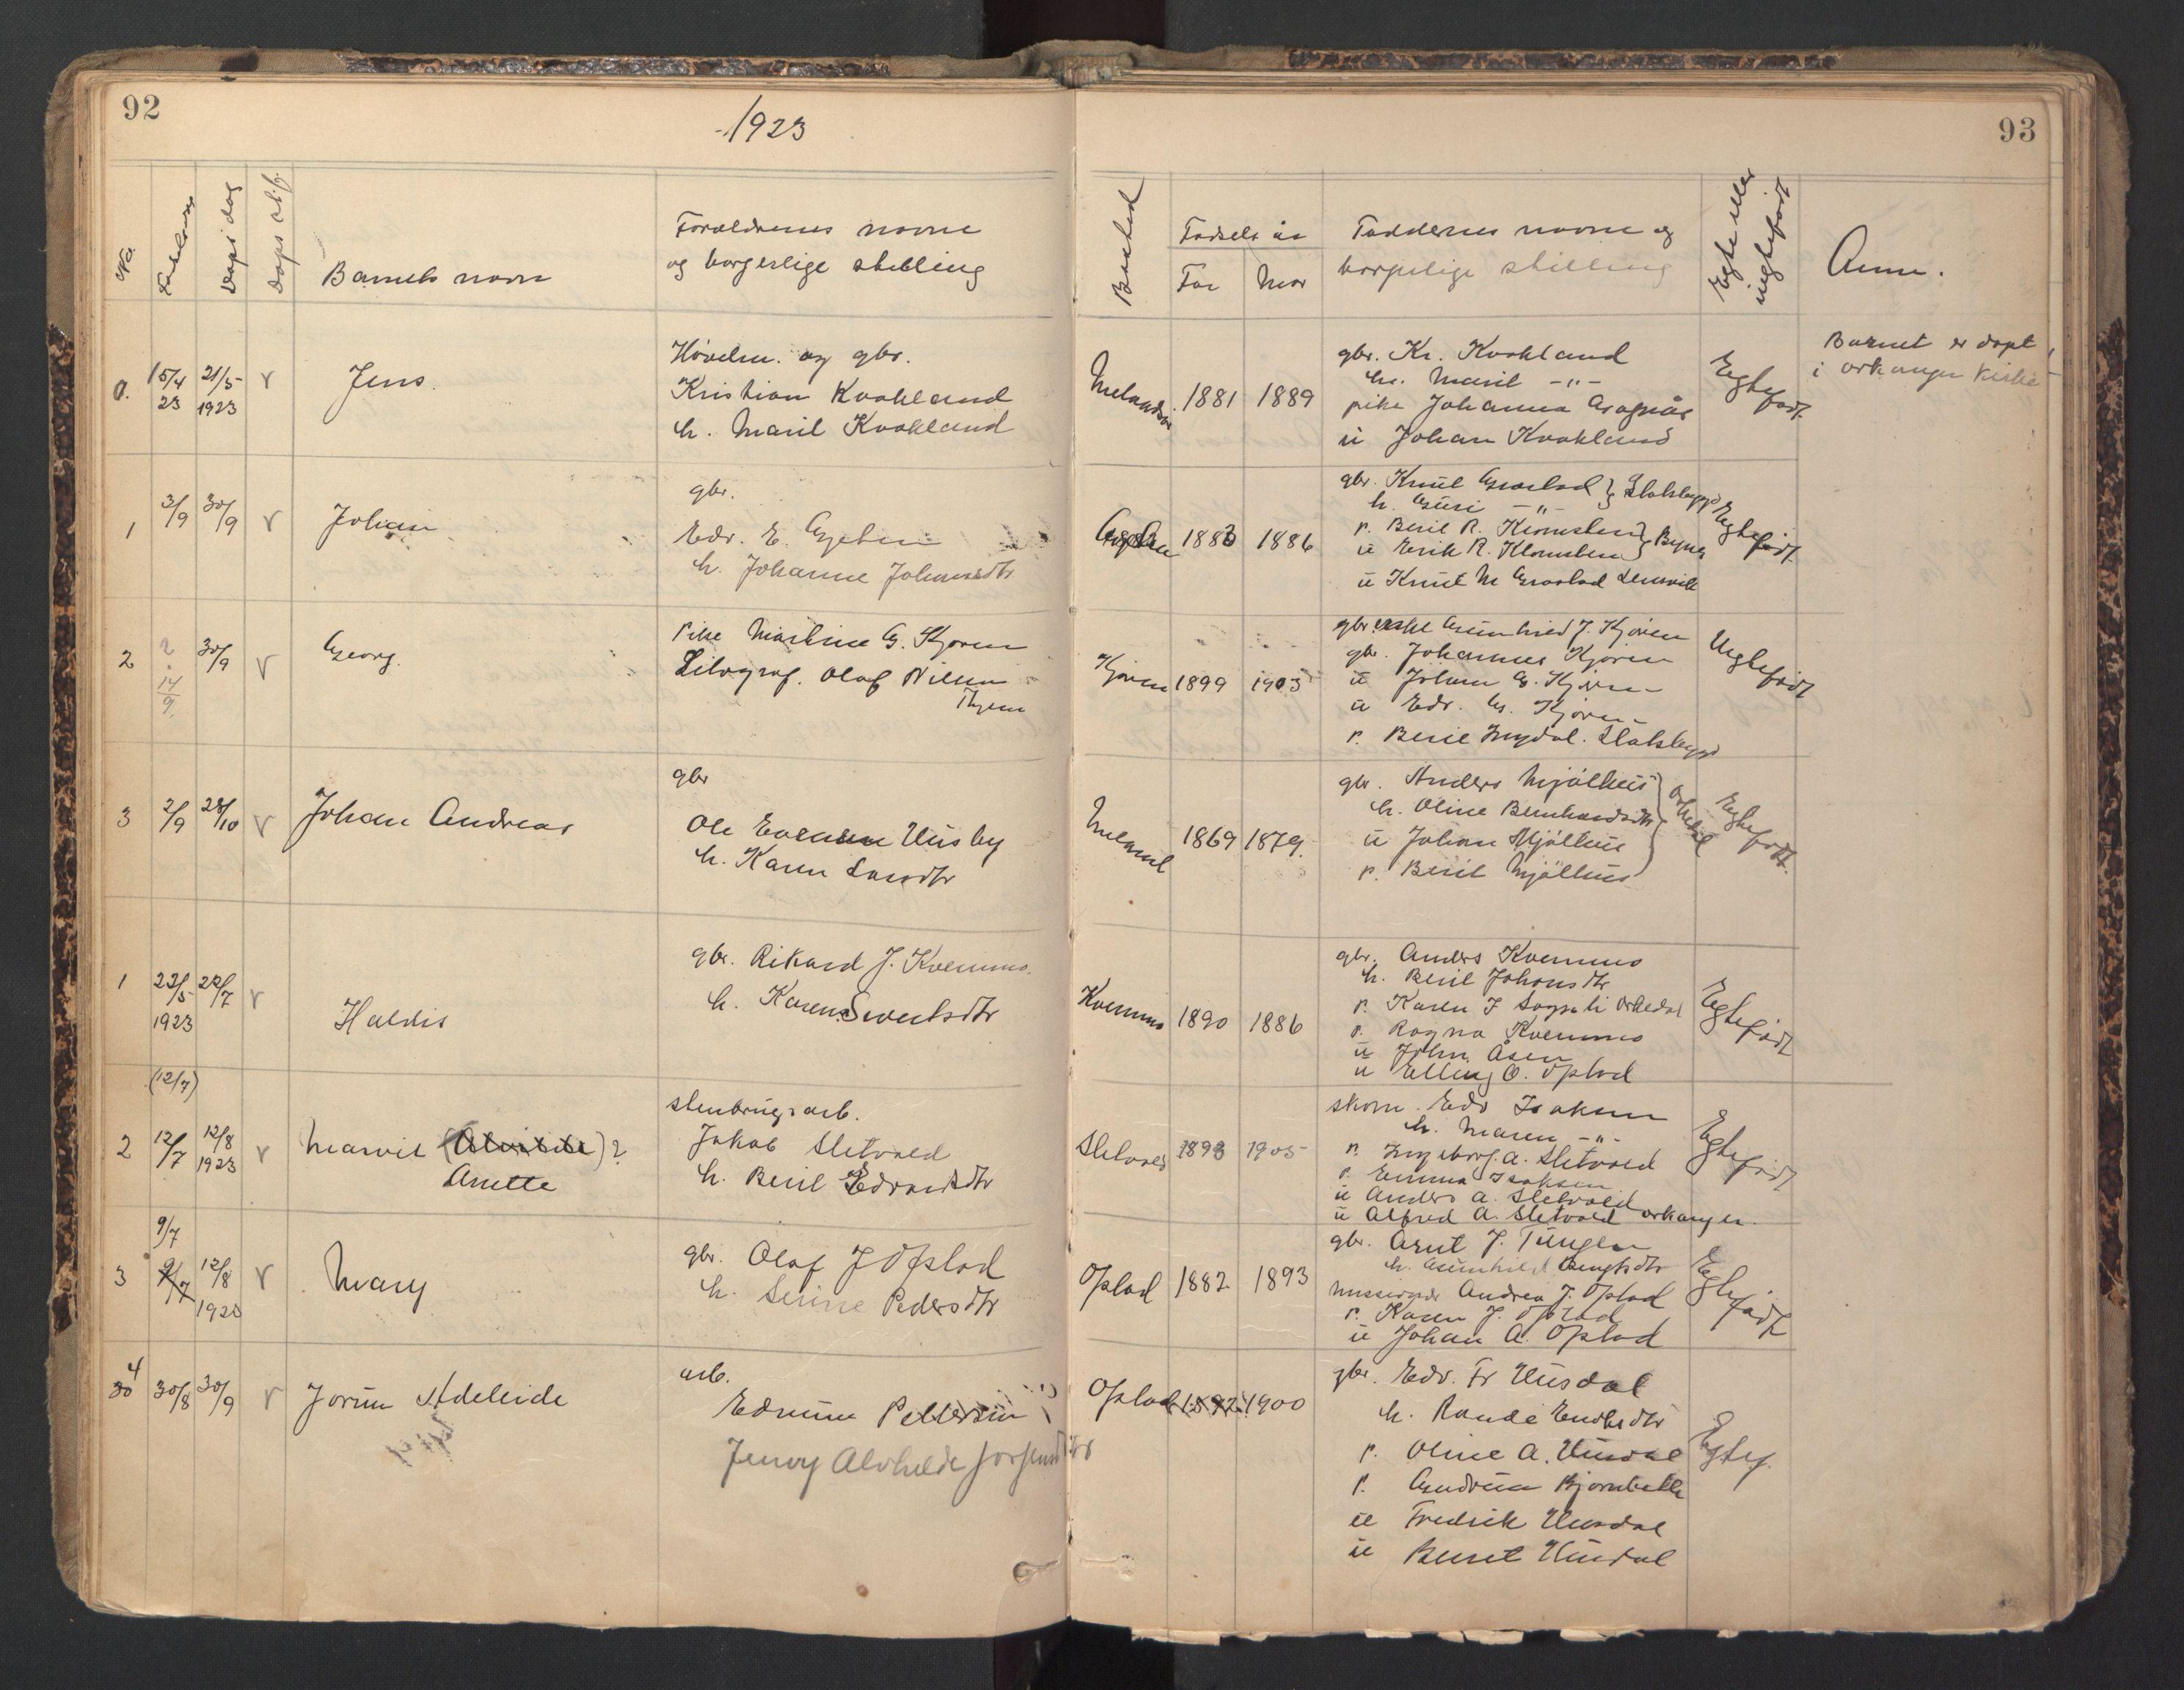 SAT, Ministerialprotokoller, klokkerbøker og fødselsregistre - Sør-Trøndelag, 670/L0837: Klokkerbok nr. 670C01, 1905-1946, s. 92-93